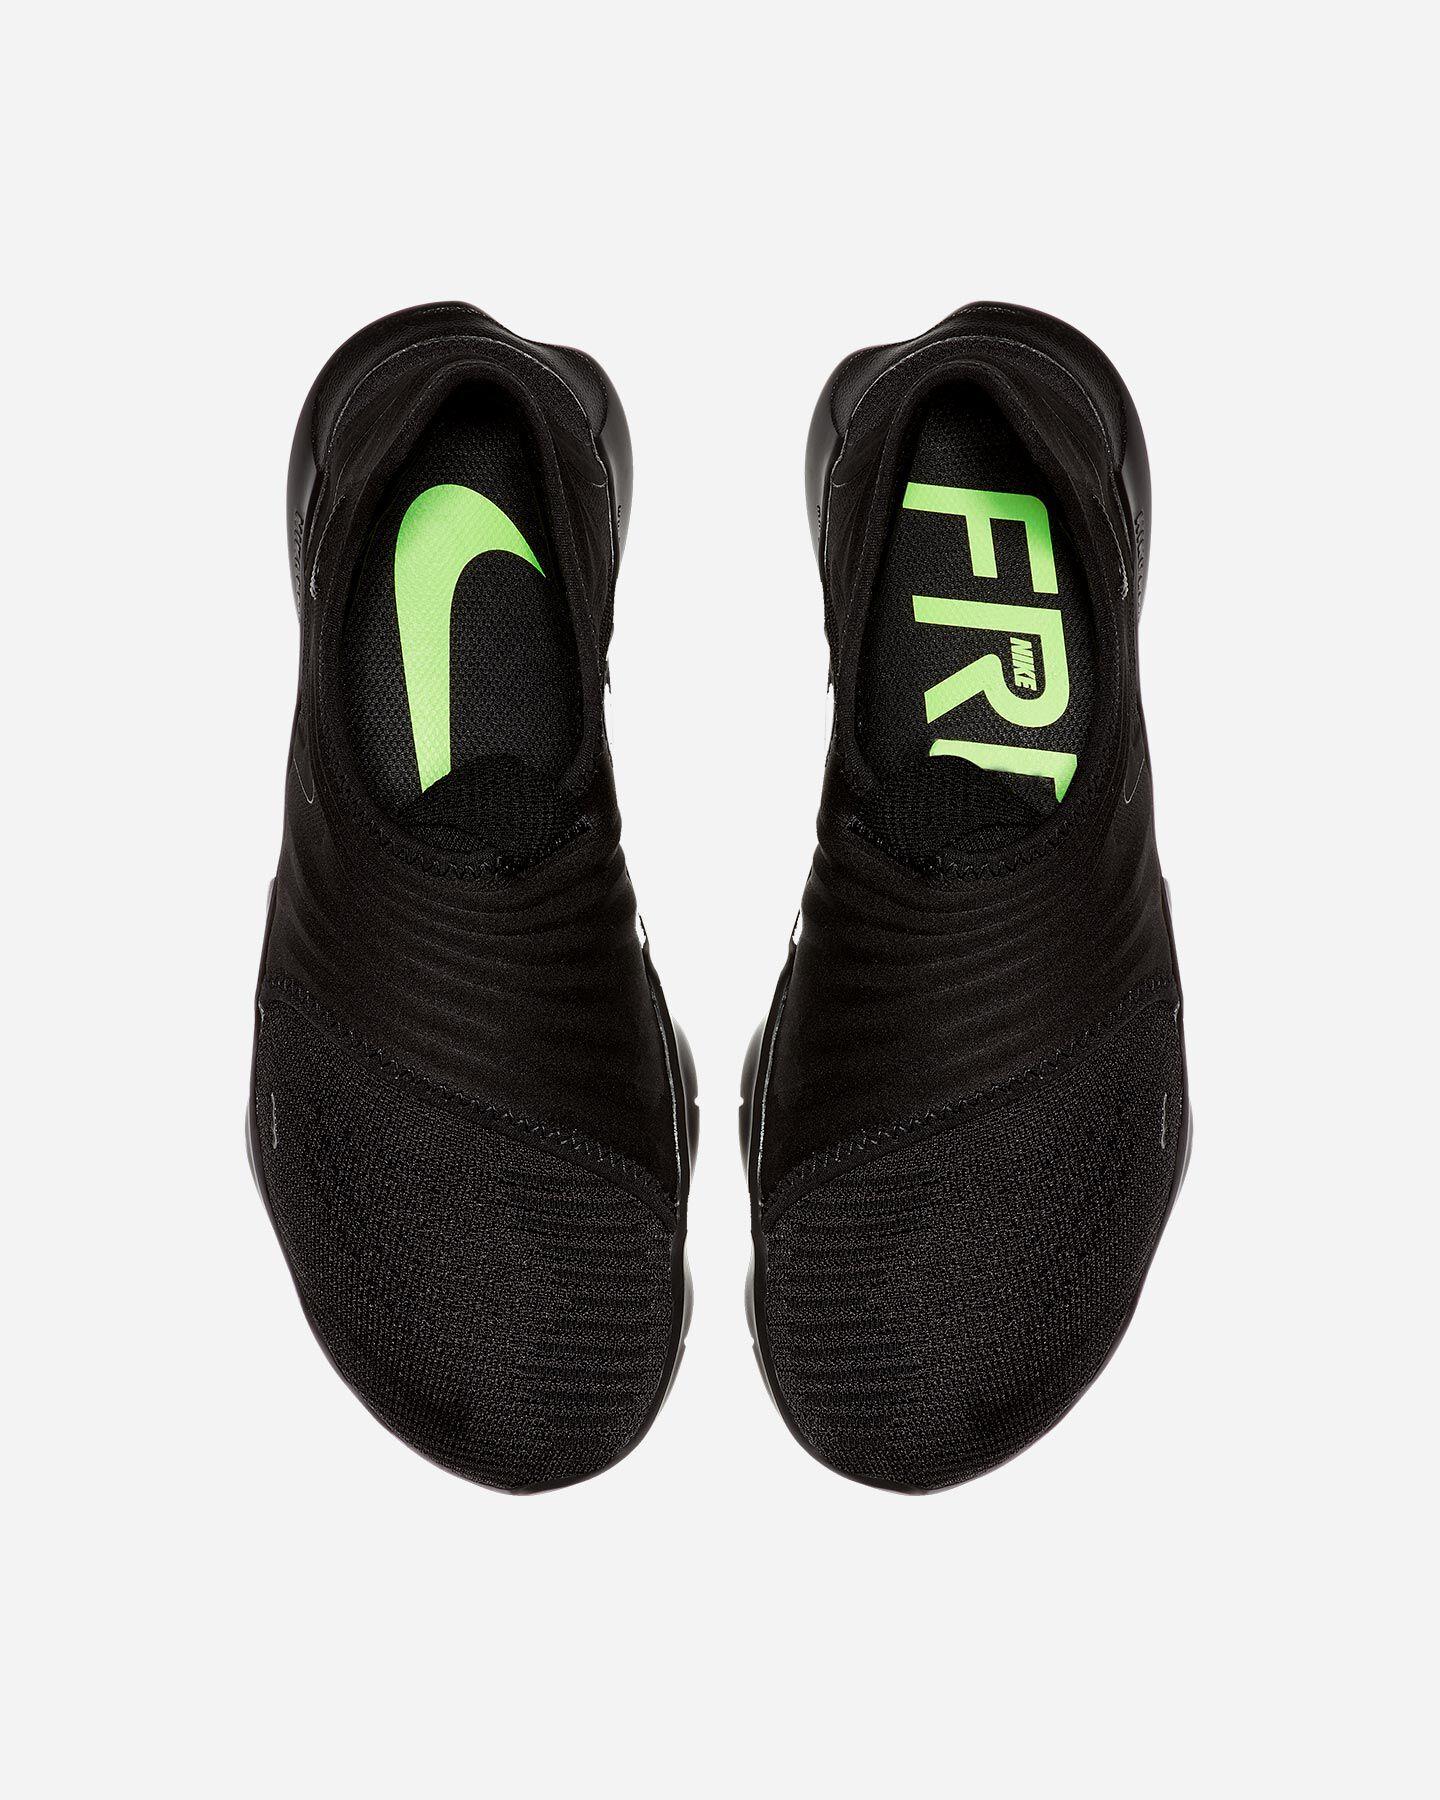 modesto Persona con esperienza Collaboratore  Scarpe Running Nike Free Rn Flyknit 3.0 M AQ5707-006   Cisalfa Sport